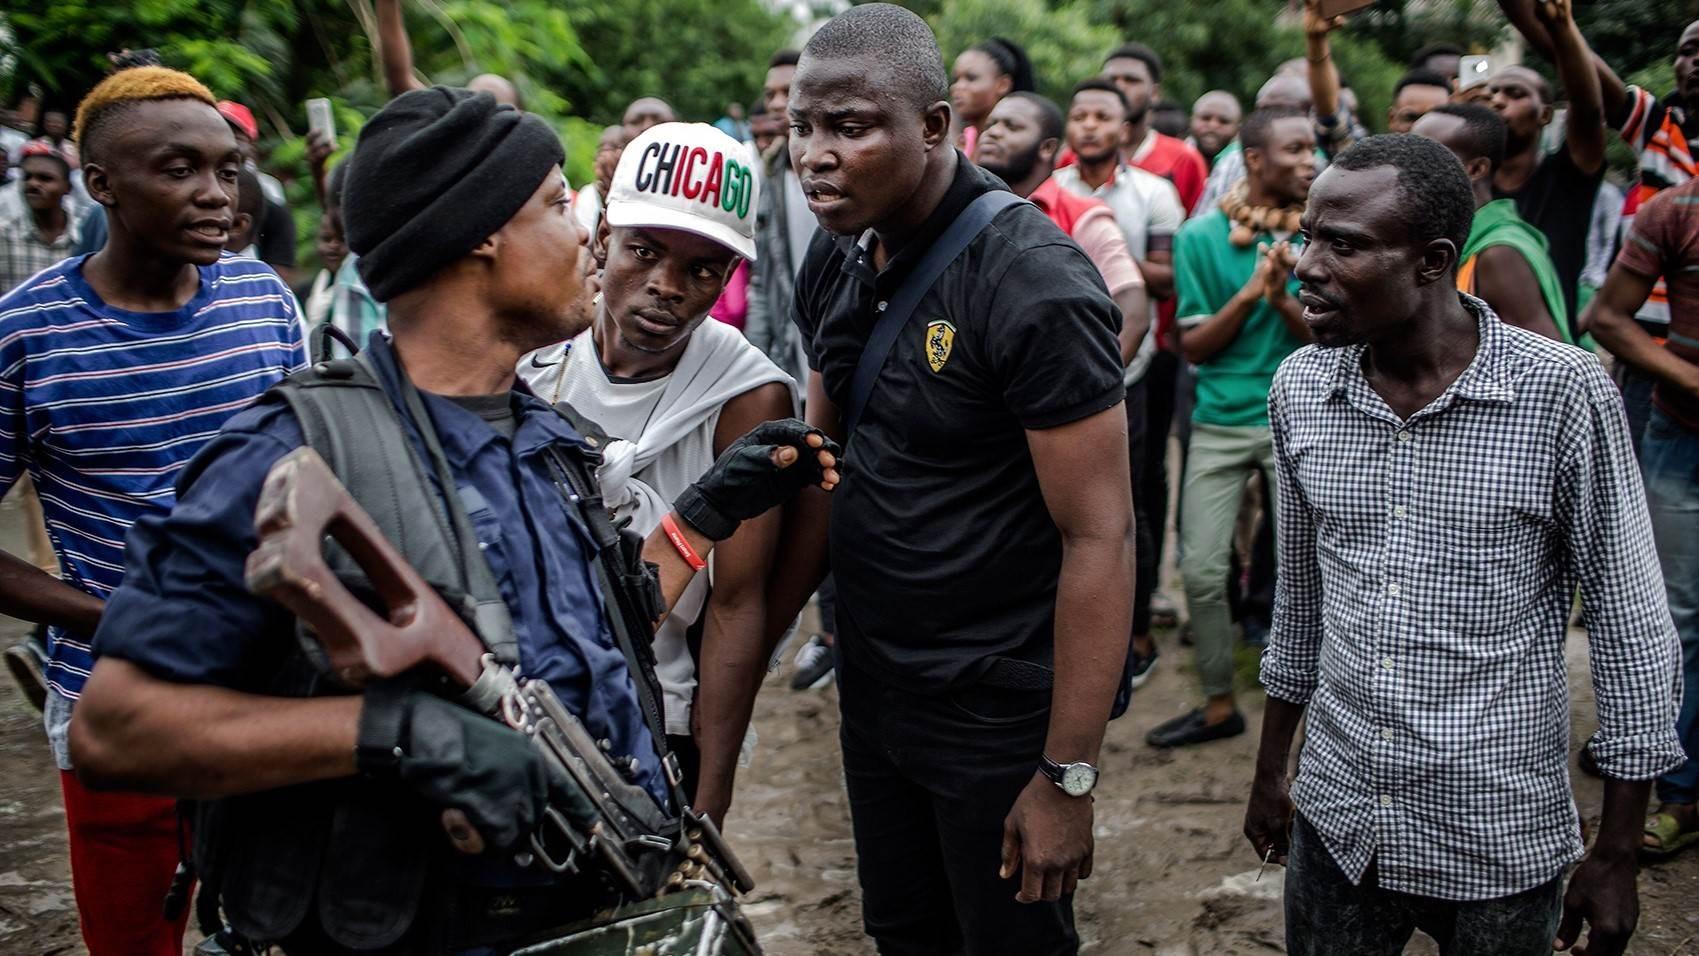 كونغو: مقتل 58 شخصاً في مجزرتين واتهام القوات الديموقراطية المتحالفة